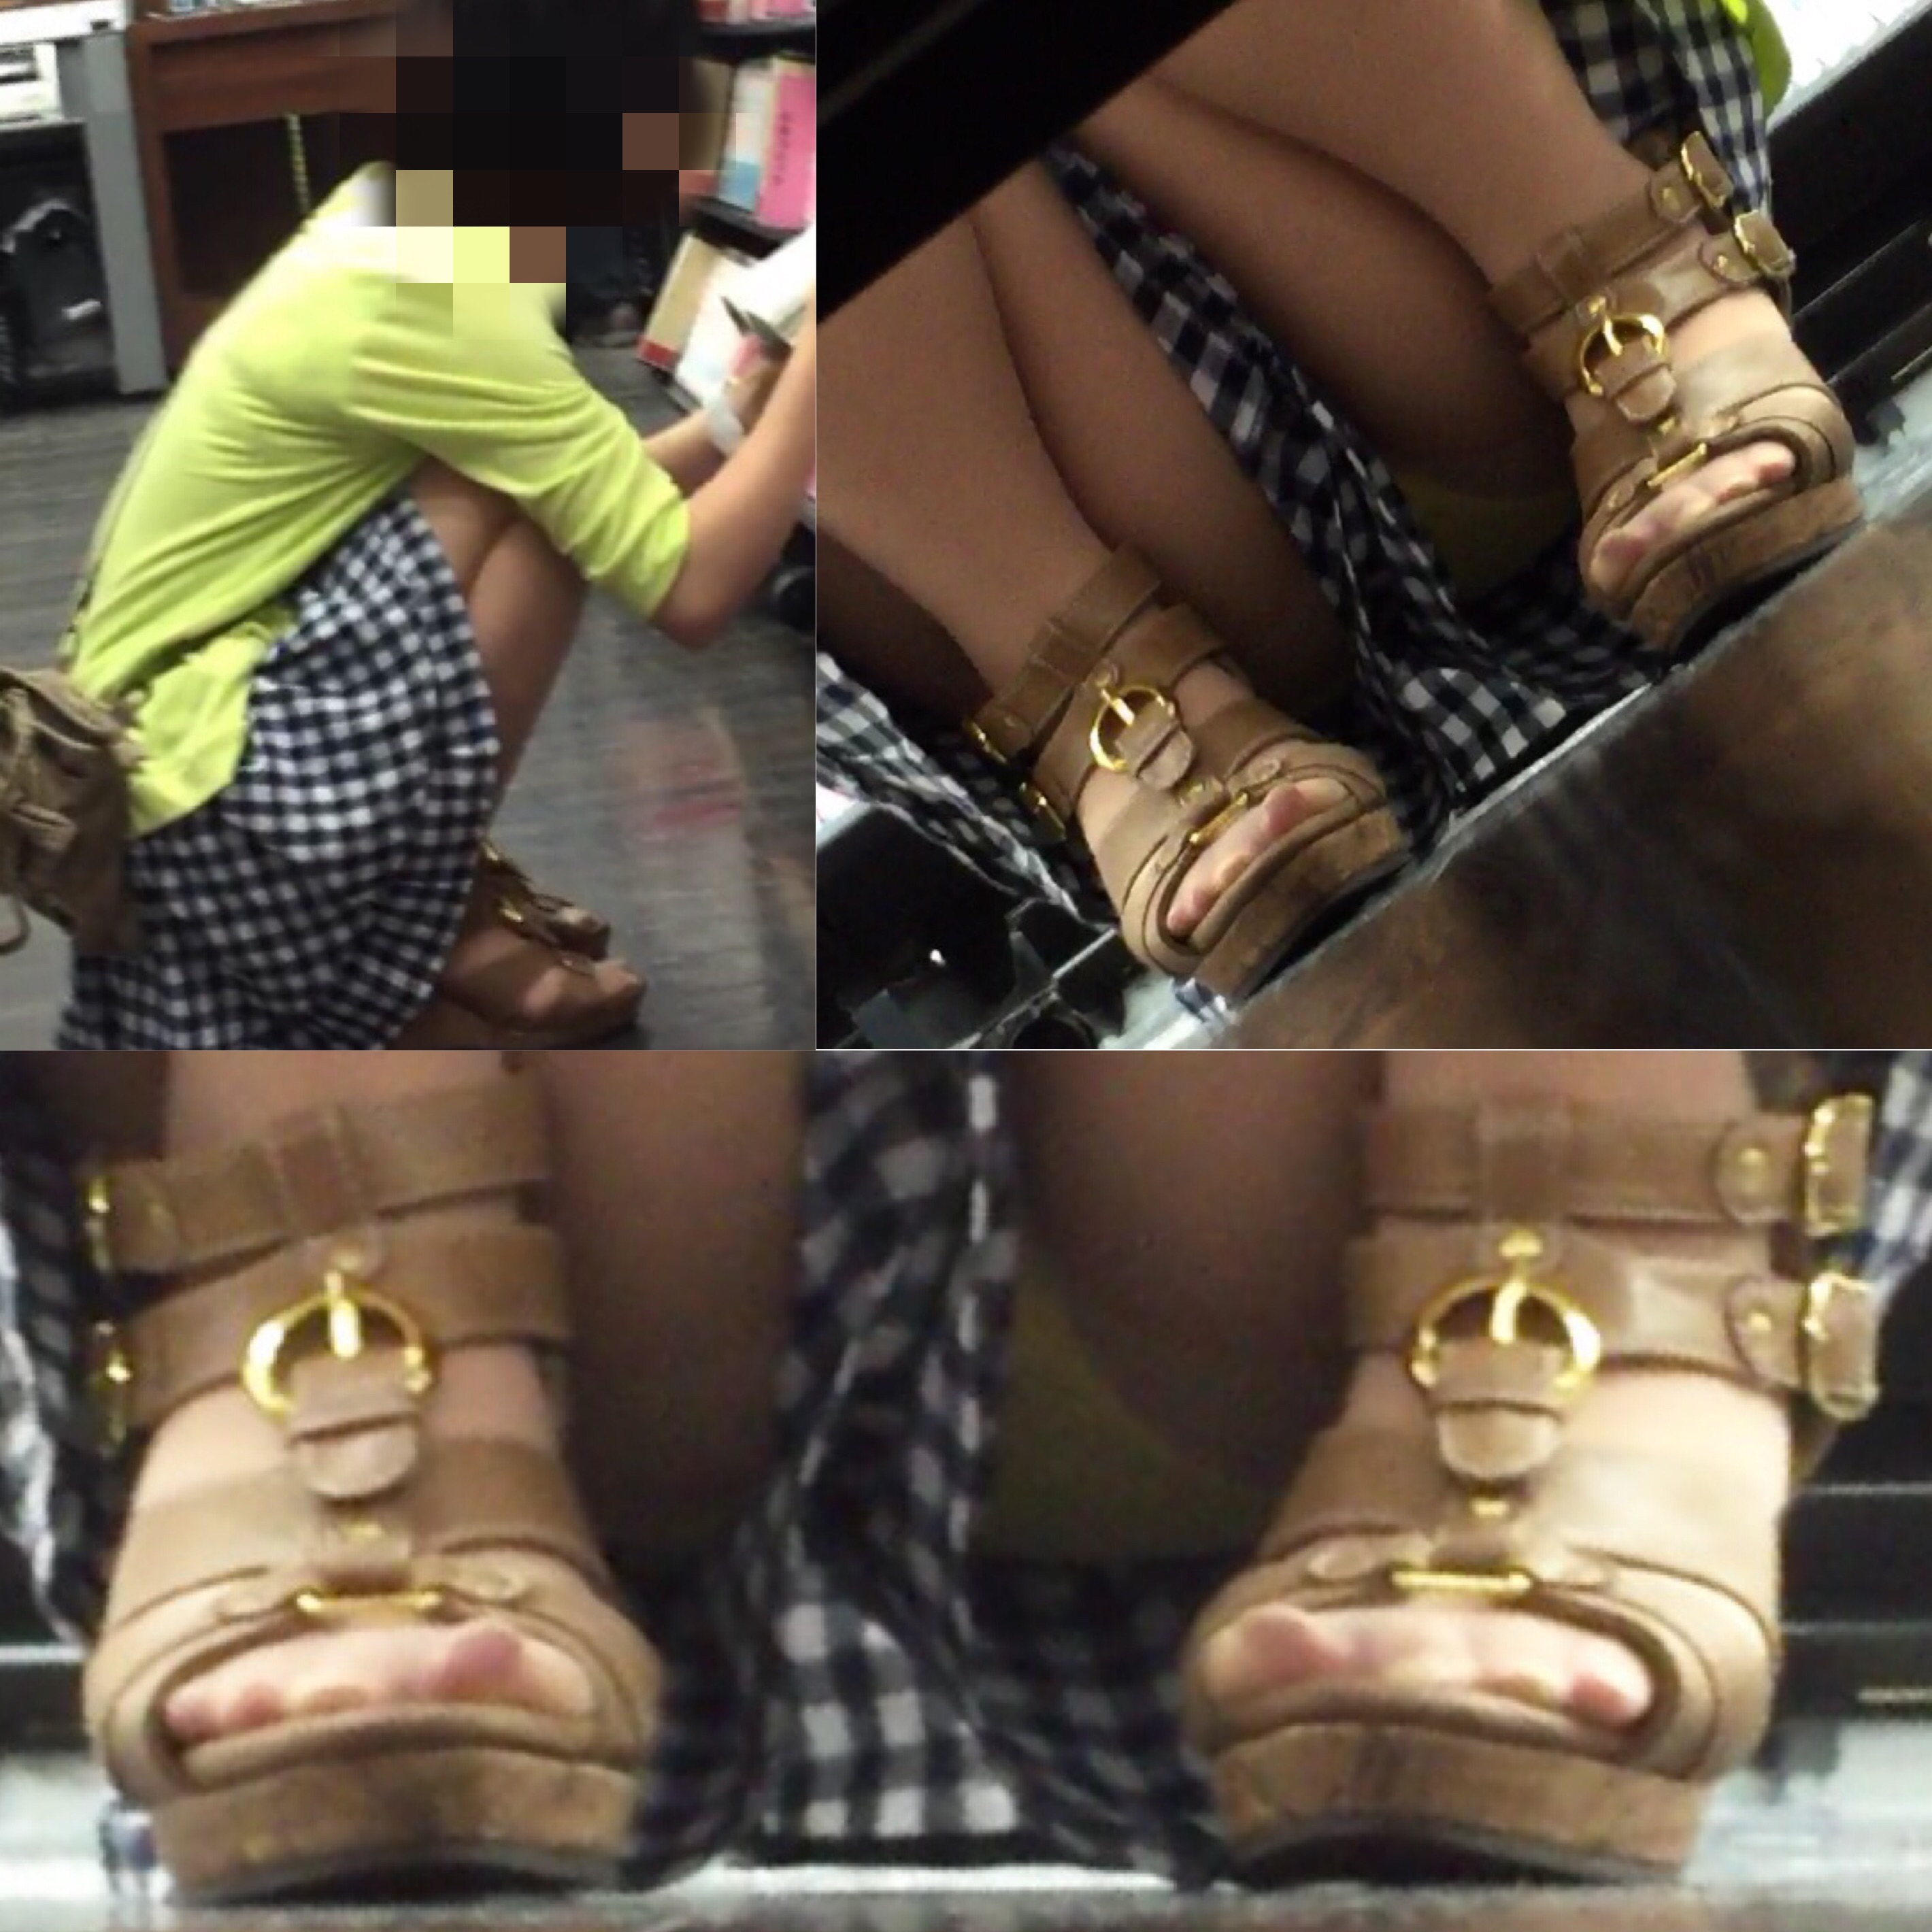 【パンチラエロ画像】棚の下から座るミニスカ女子のパンツを商品そっちのけでガン見www 21